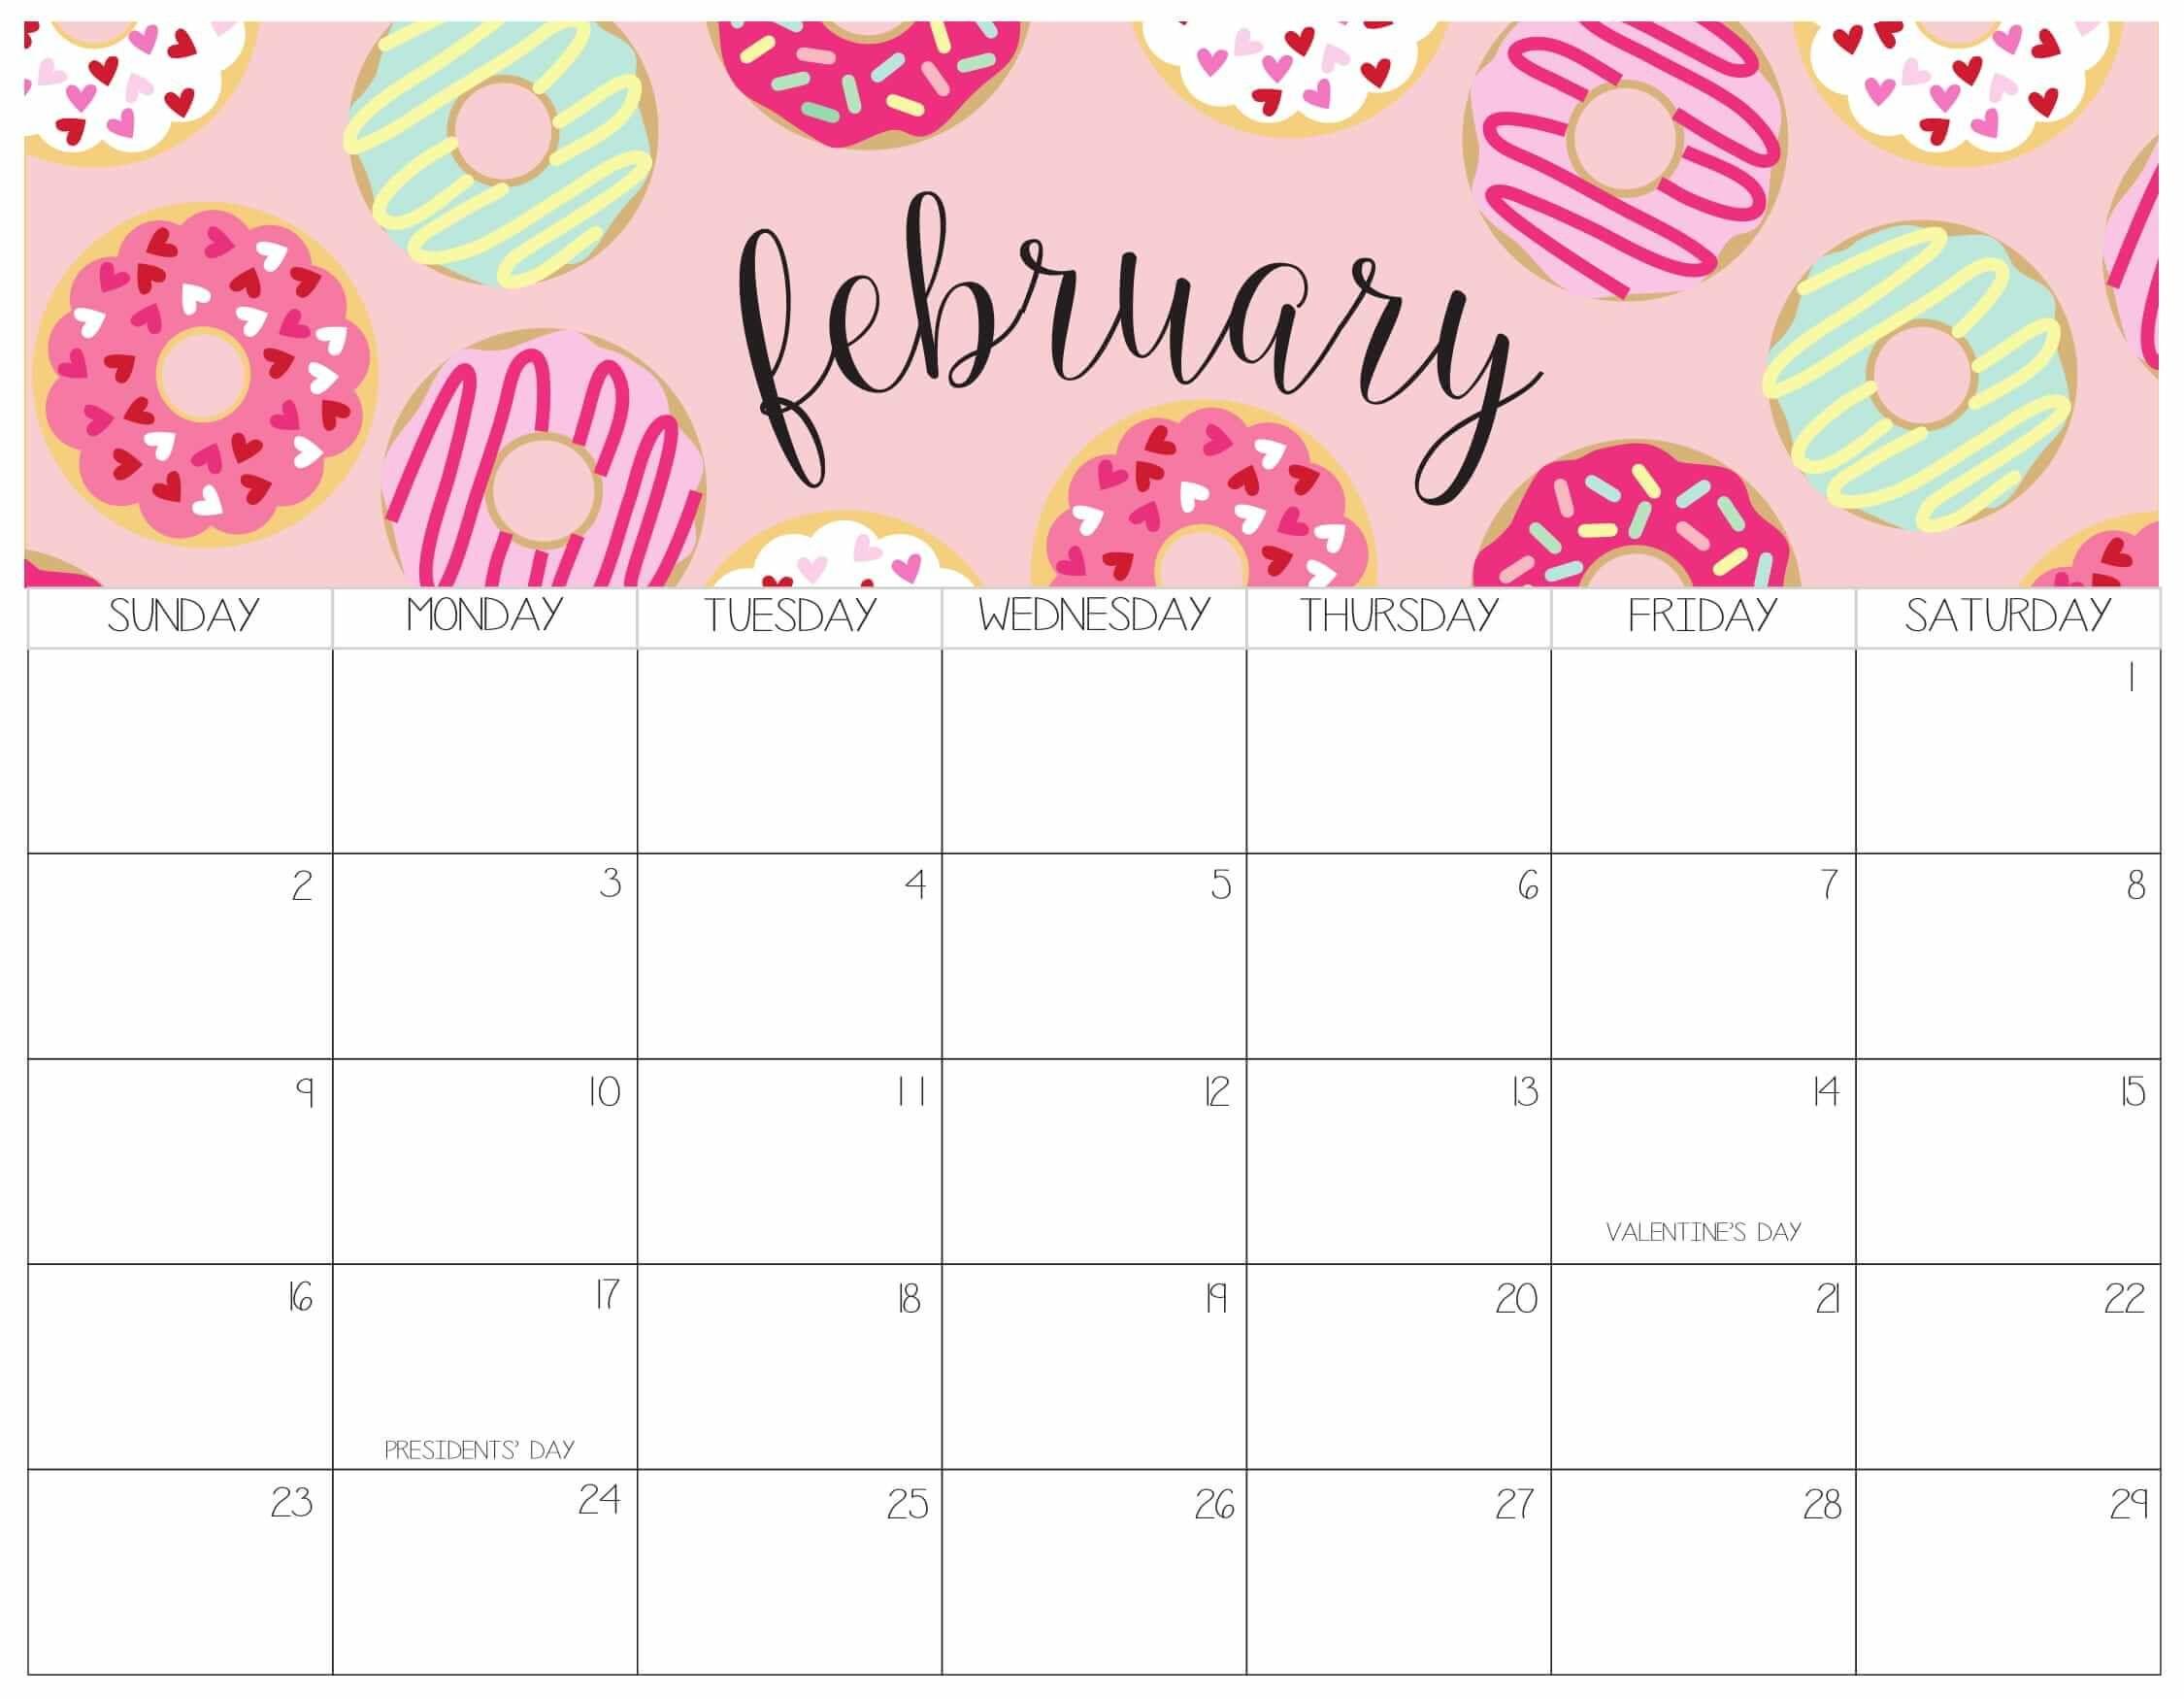 February 2020 Calendar Australia With National Holidays V 2020 G